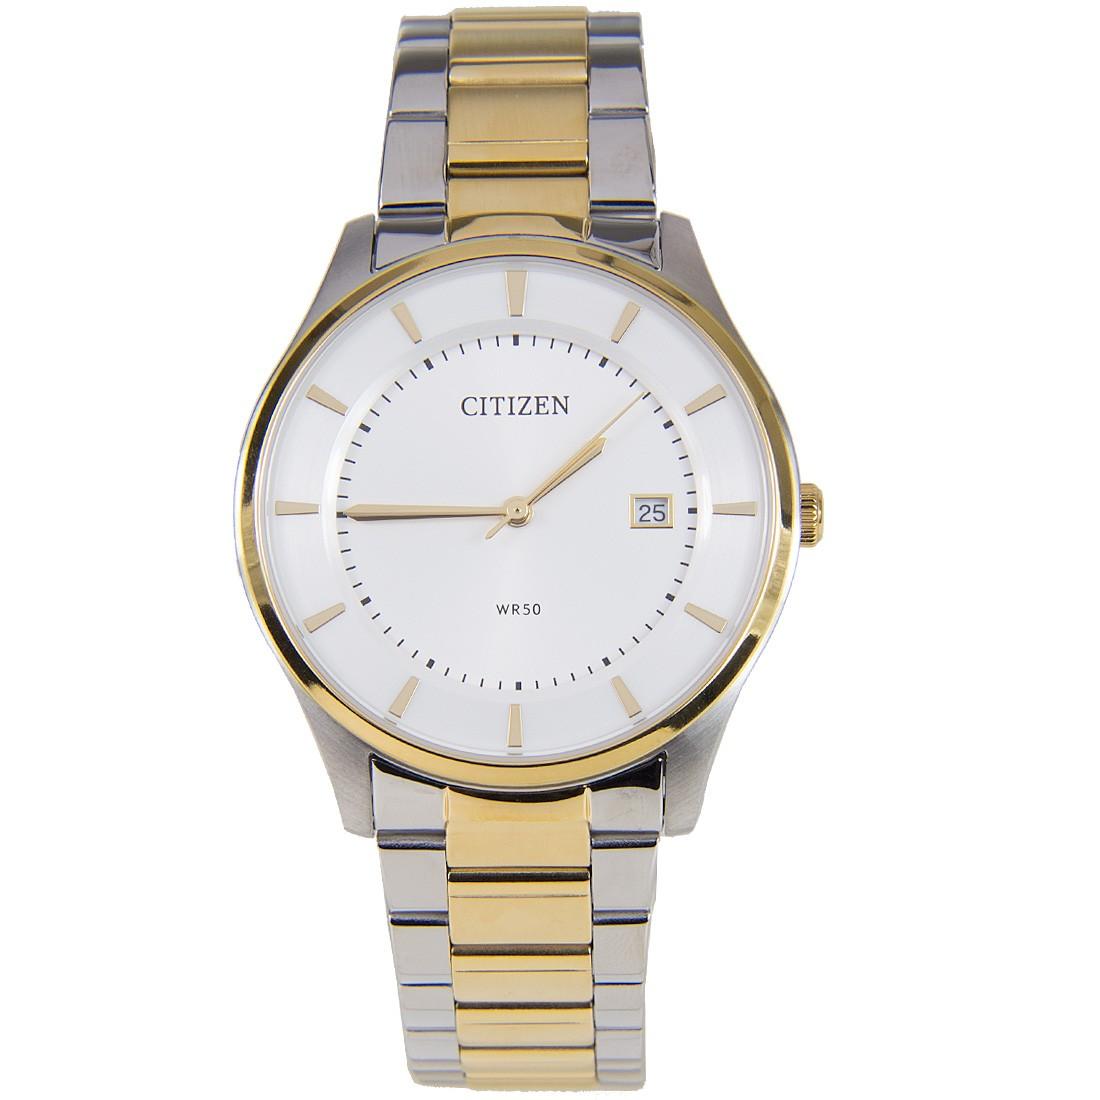 Citizen BD0048-55A Quartz Dress Watch